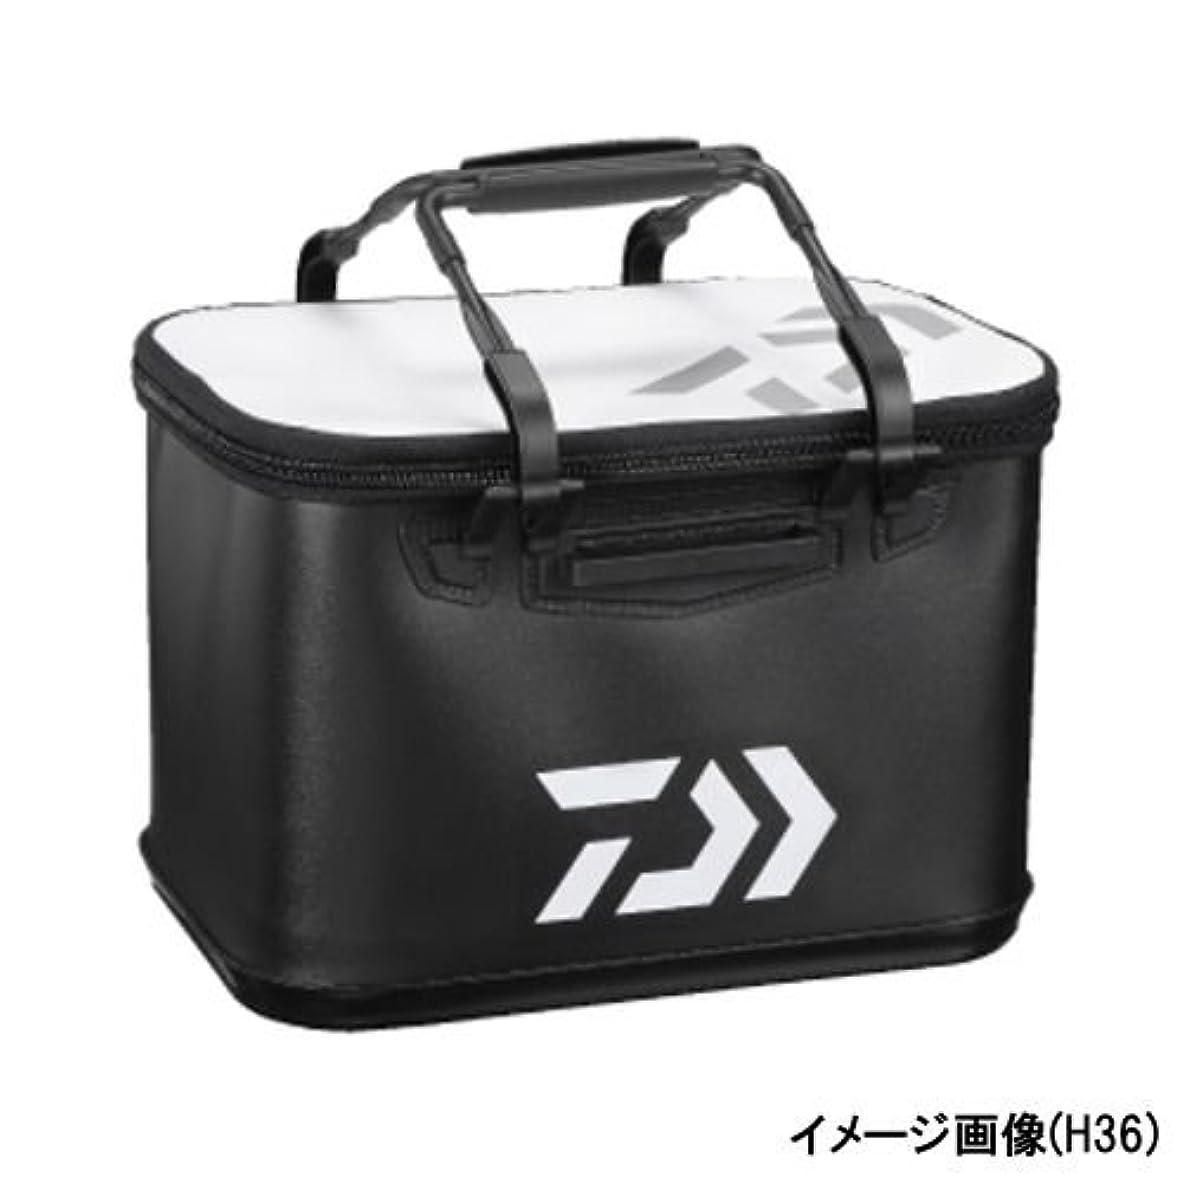 味葉順番ダイワ(Daiwa) イソ バッカン H40(J) ブラック